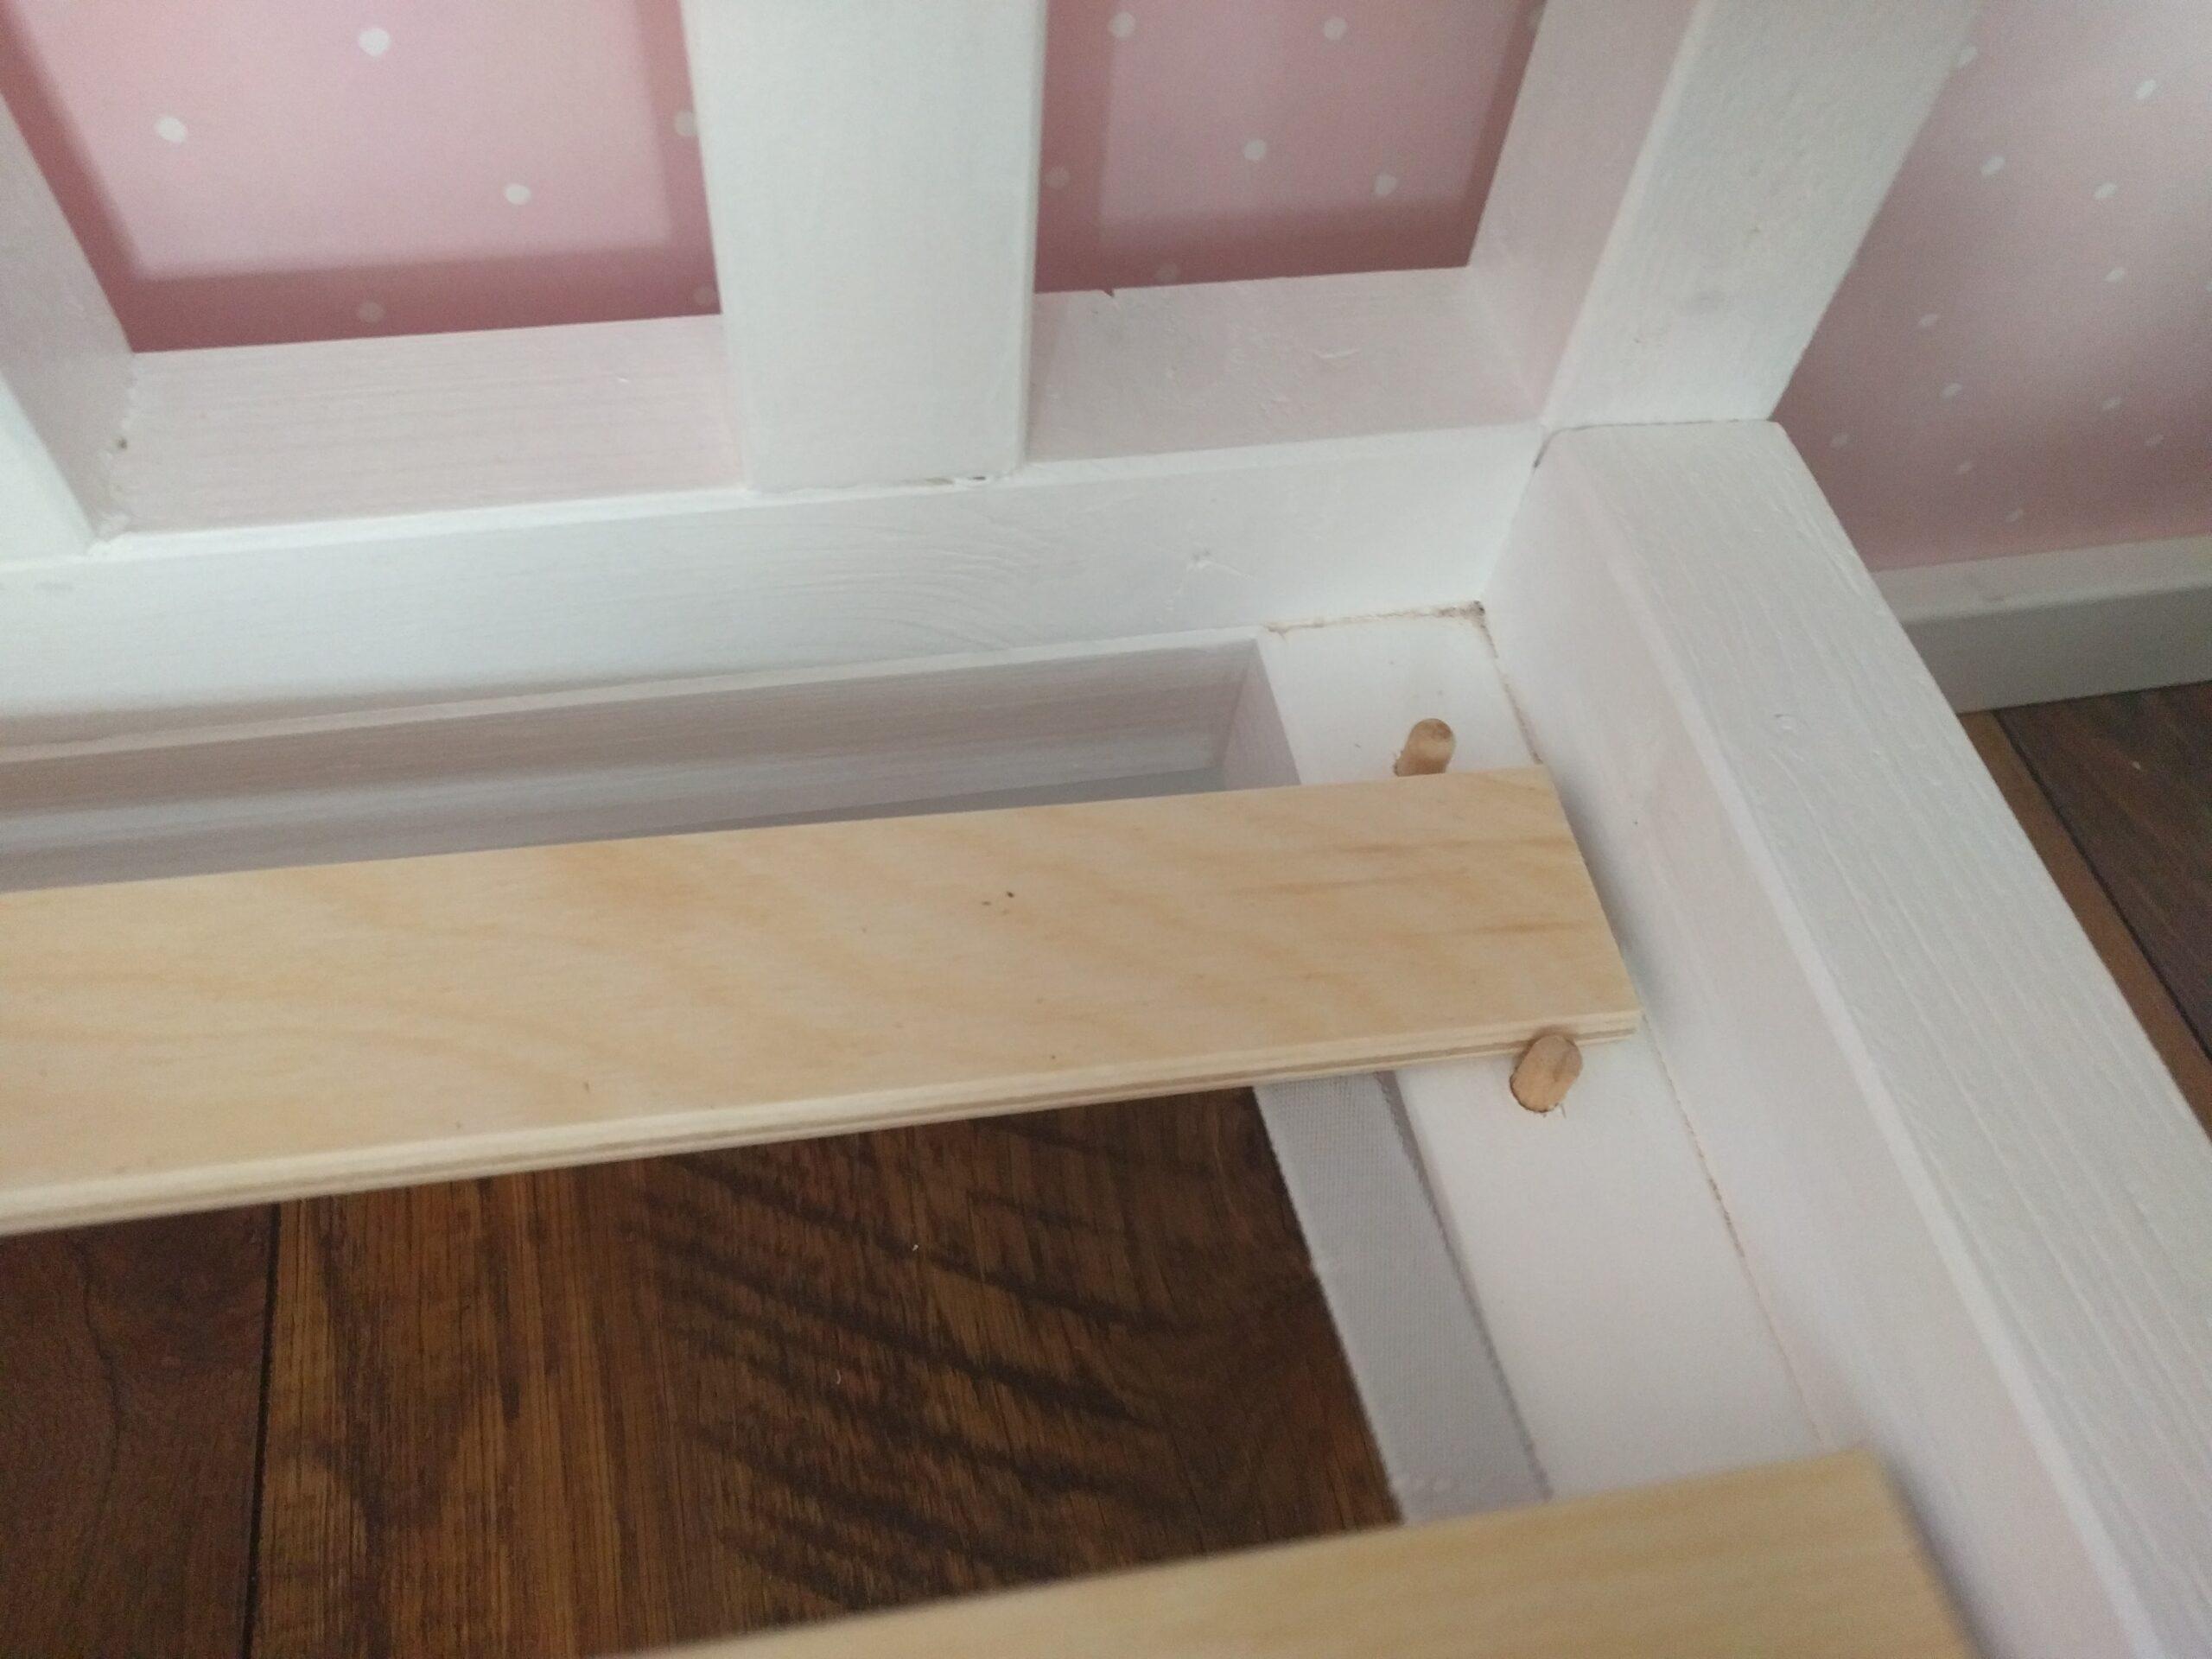 Full Size of Hausbett 100x200 Diy Fr Bett Weiß Betten Wohnzimmer Hausbett 100x200